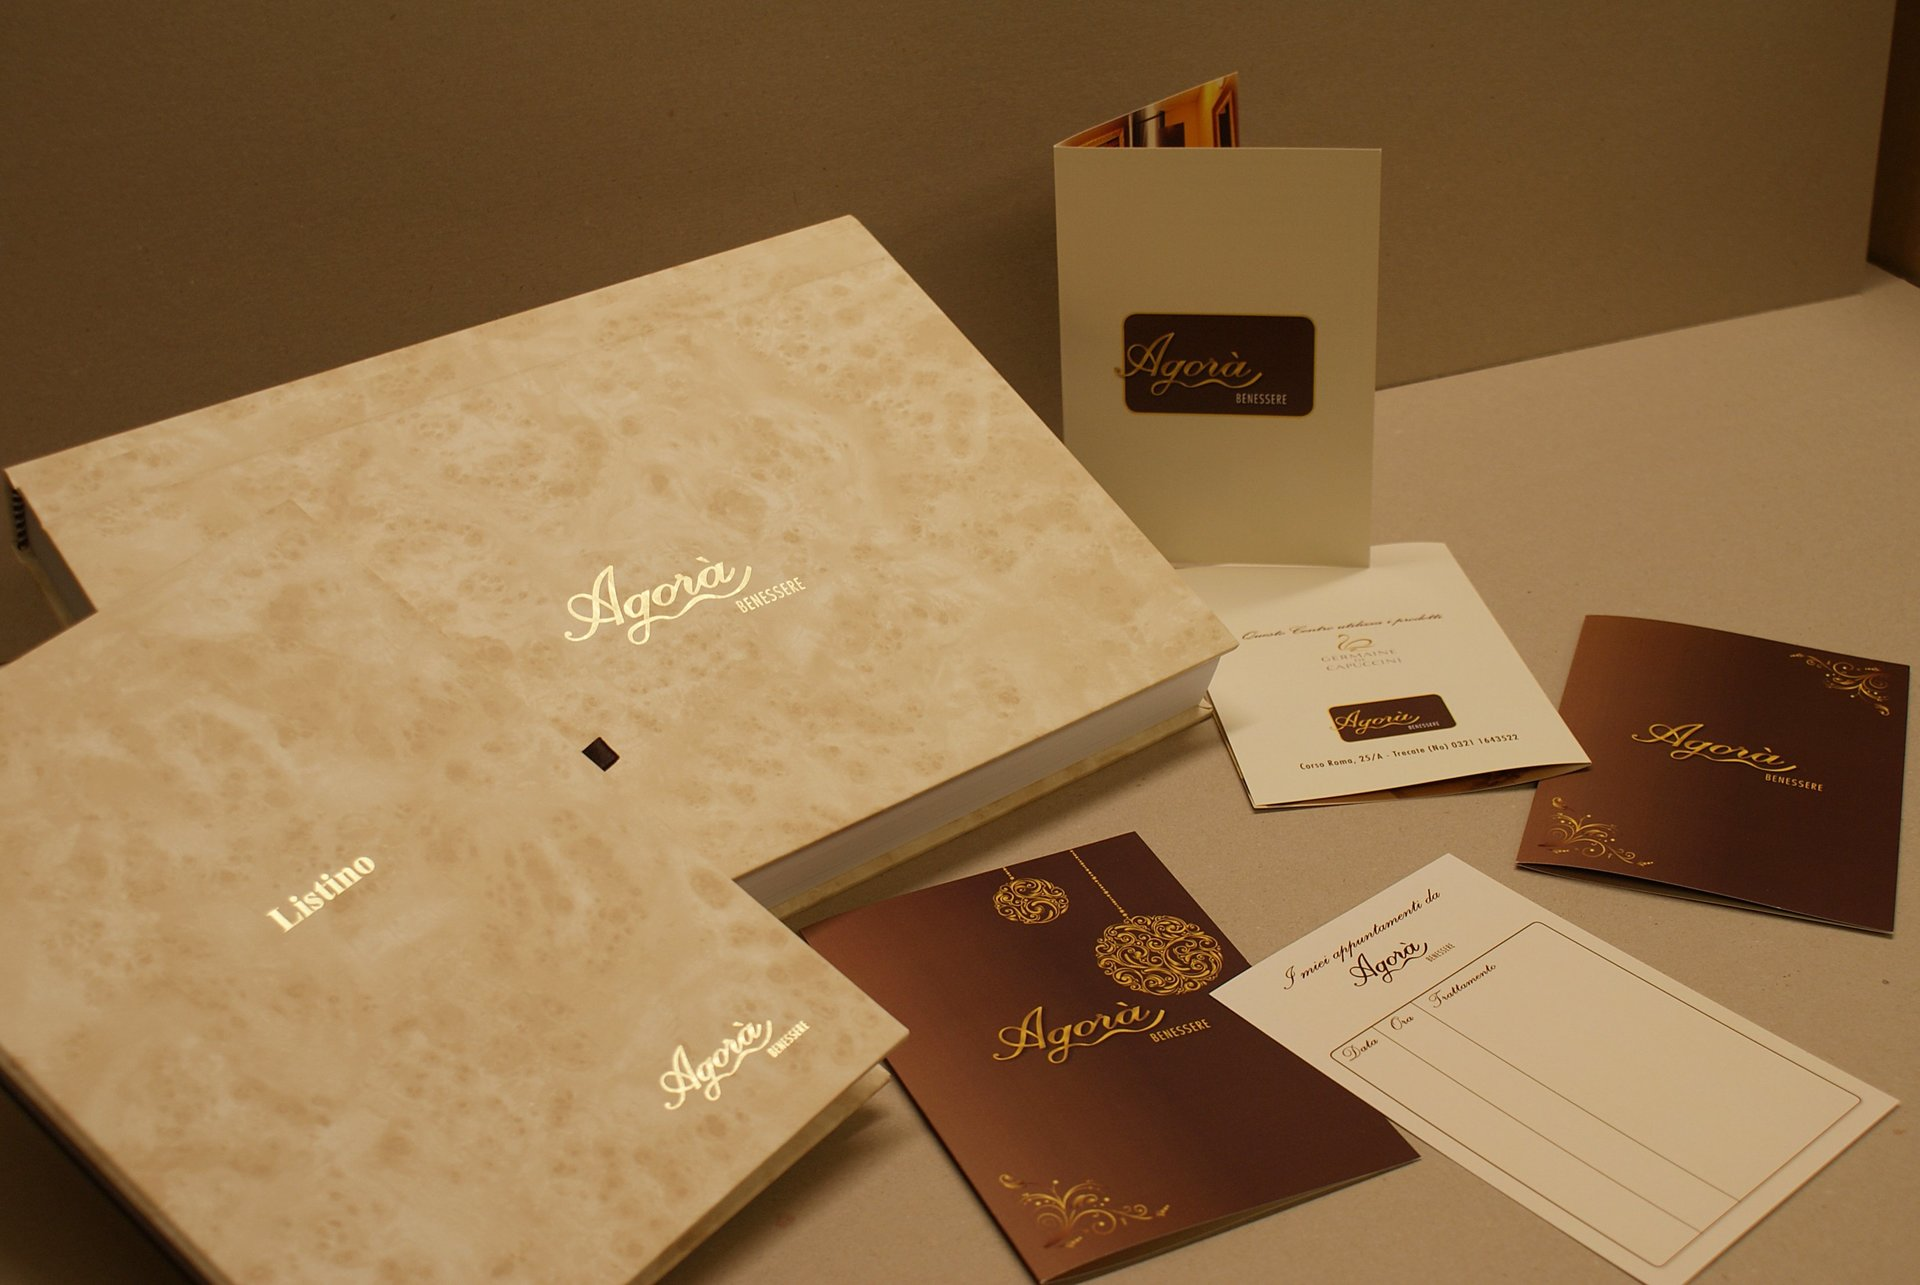 bigliettini da visita e copertine in beige con scritte in oro